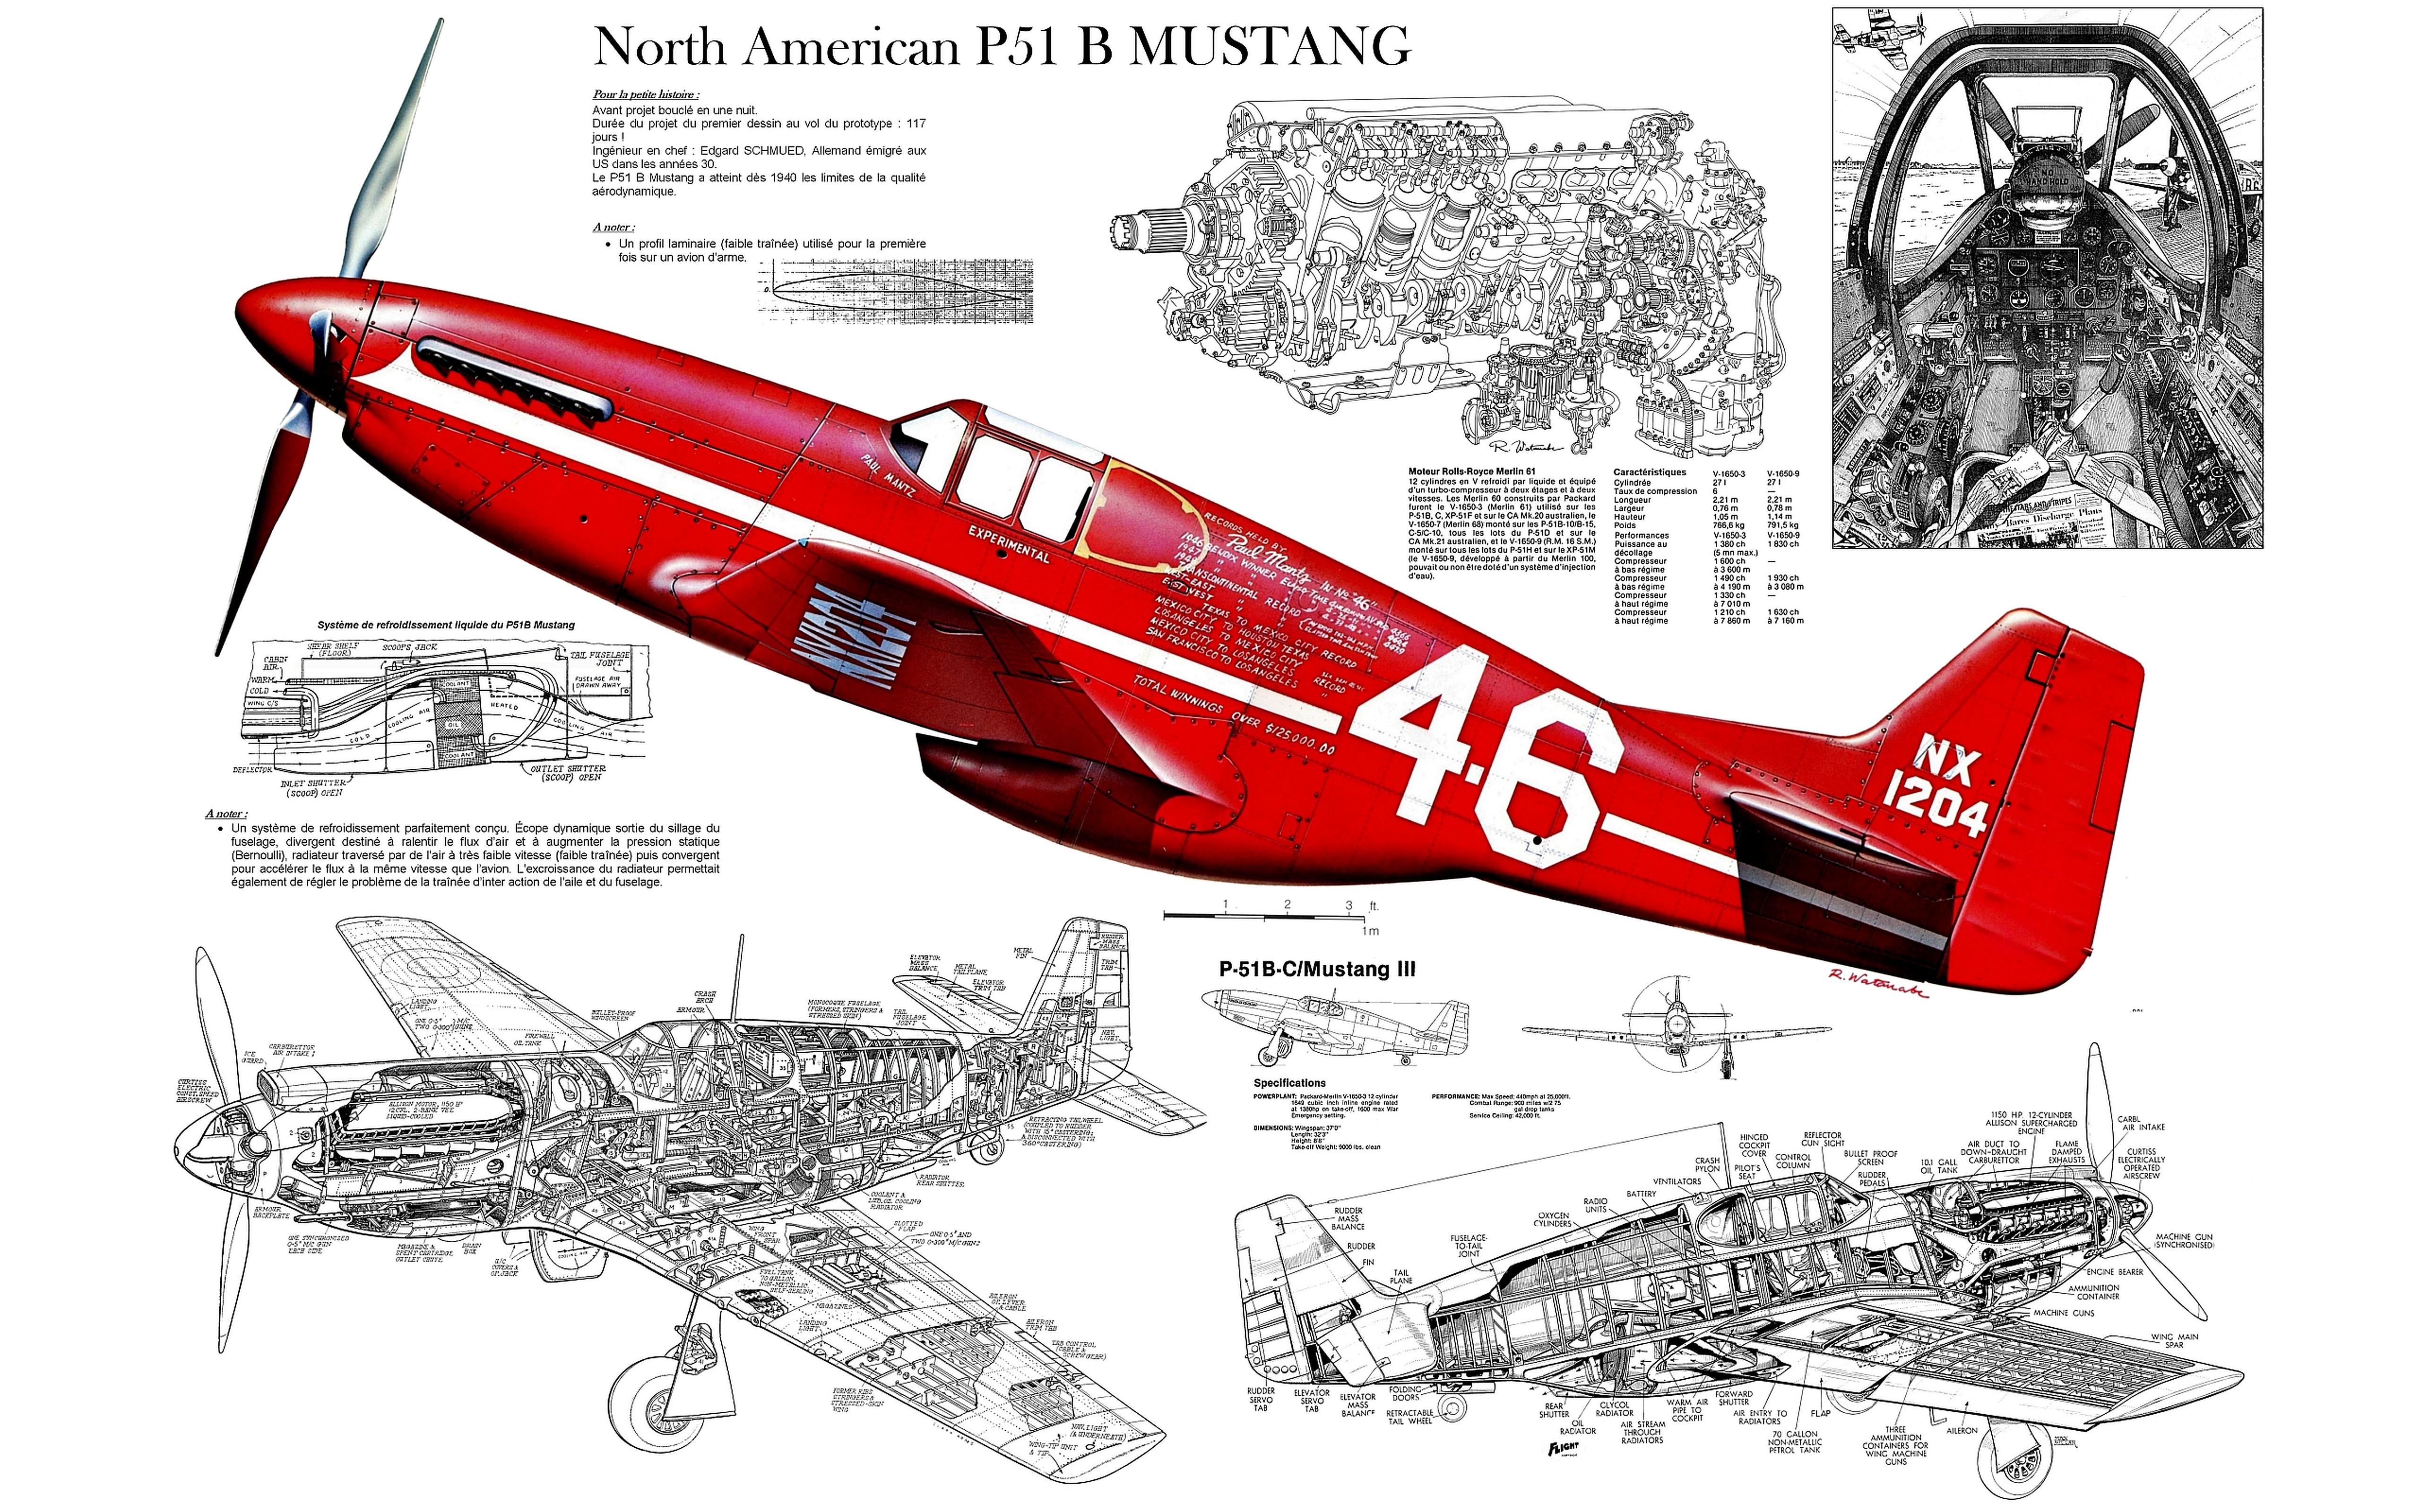 Два истребителя North American P-51 Mustang скачать